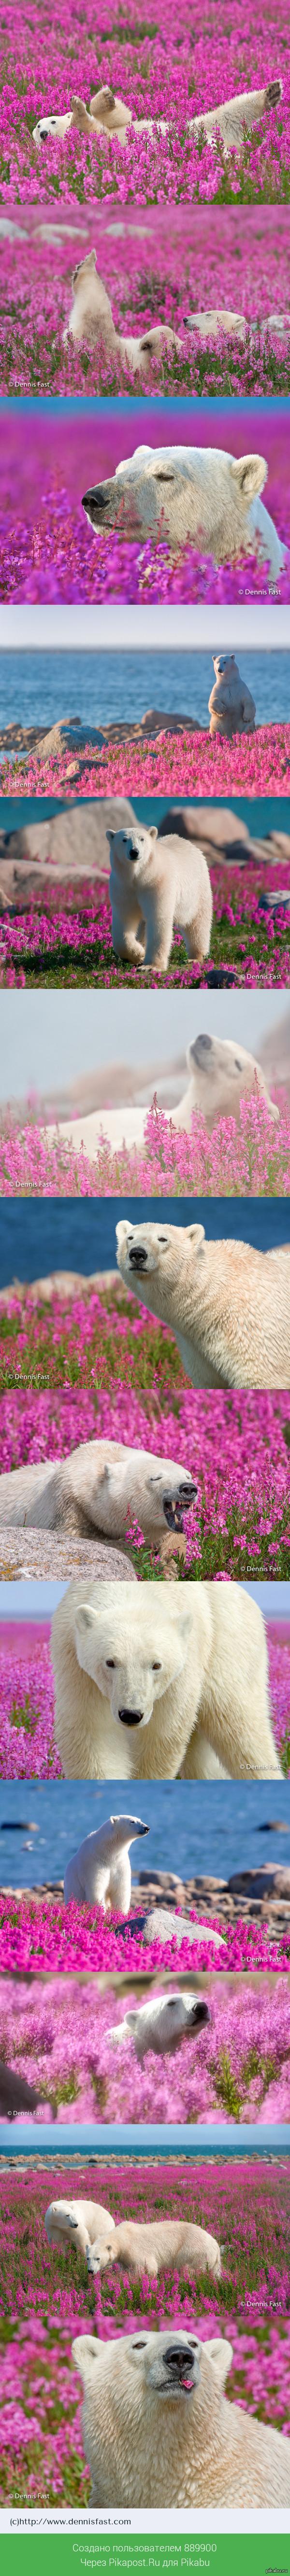 Белый медведь и снег - банально, канадскому фотографу удалось заснять медведей на цветочной поляне! Красота =)